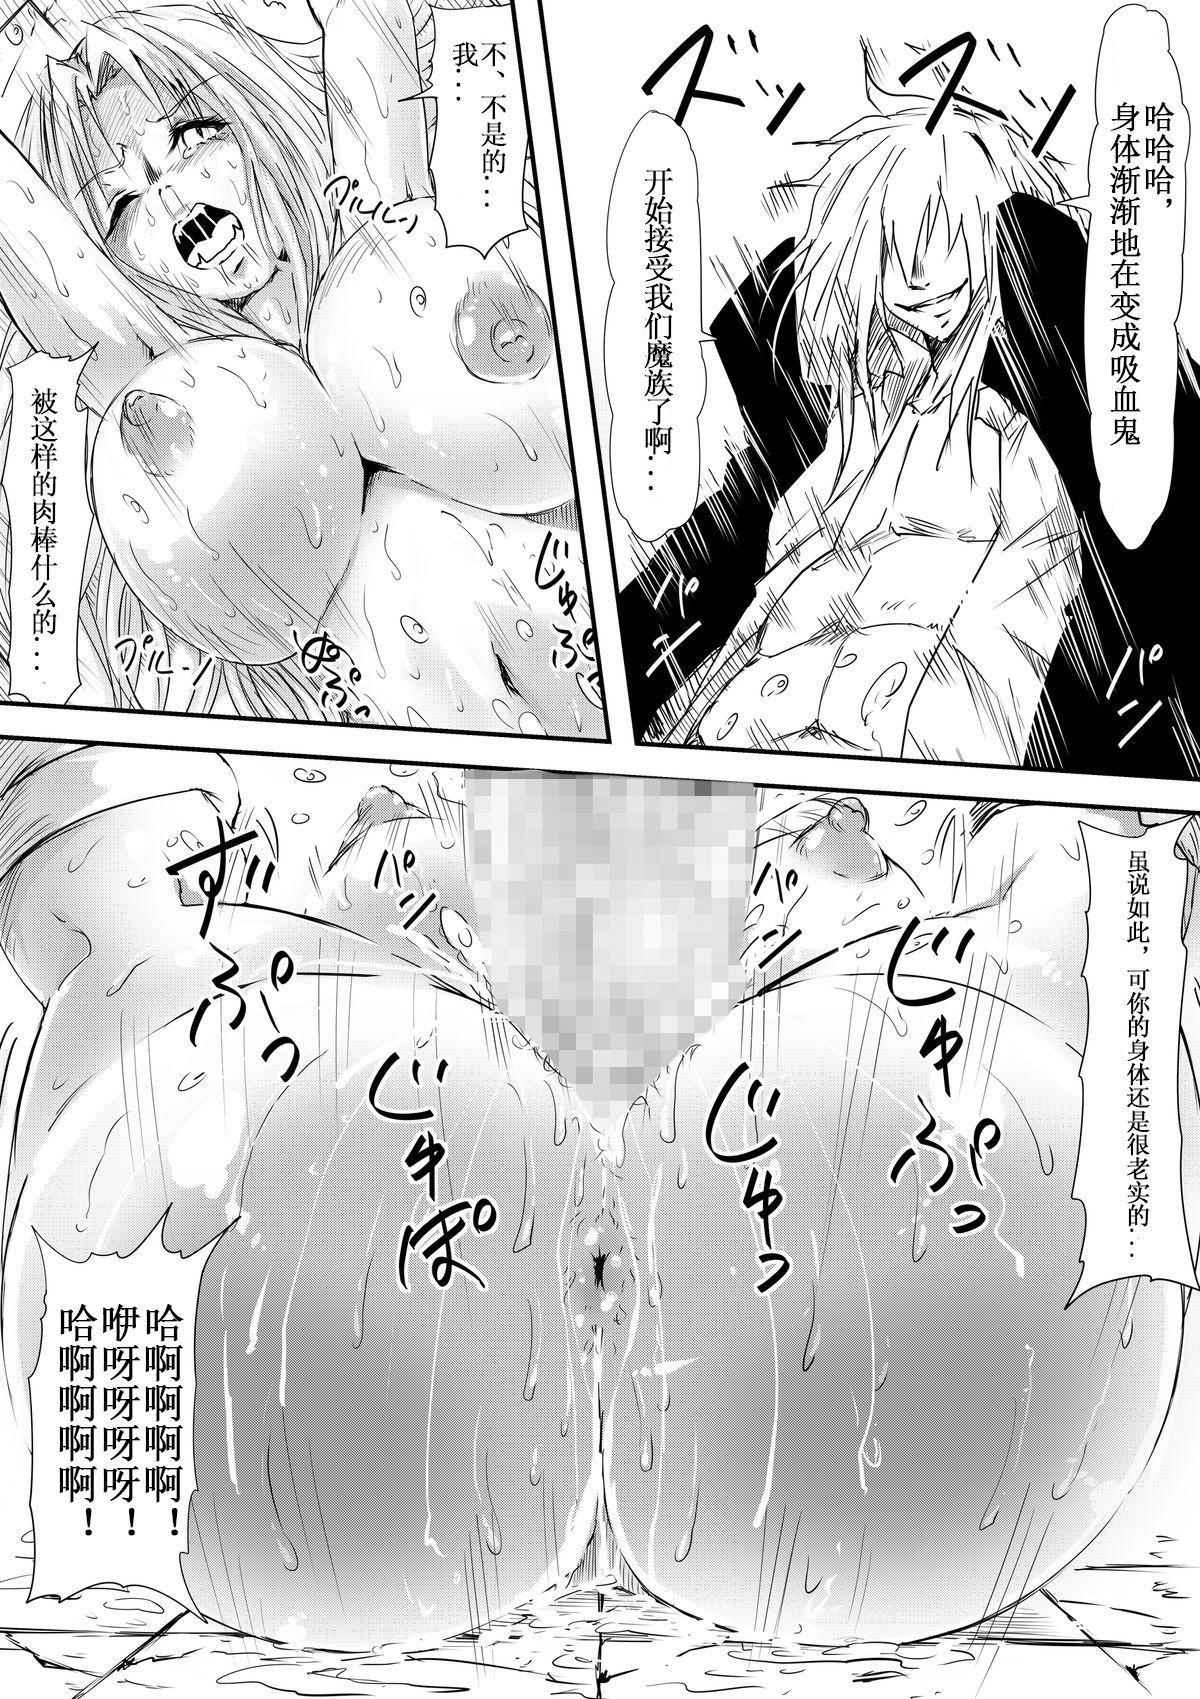 Kyuuketsuki ni Kanzen Haiboku Shita Vanpire Hunter Oyako ga Musuko no Mae de Okasare Kyuuketsuki-ka Shite Shimau Haha no Hanashi 31